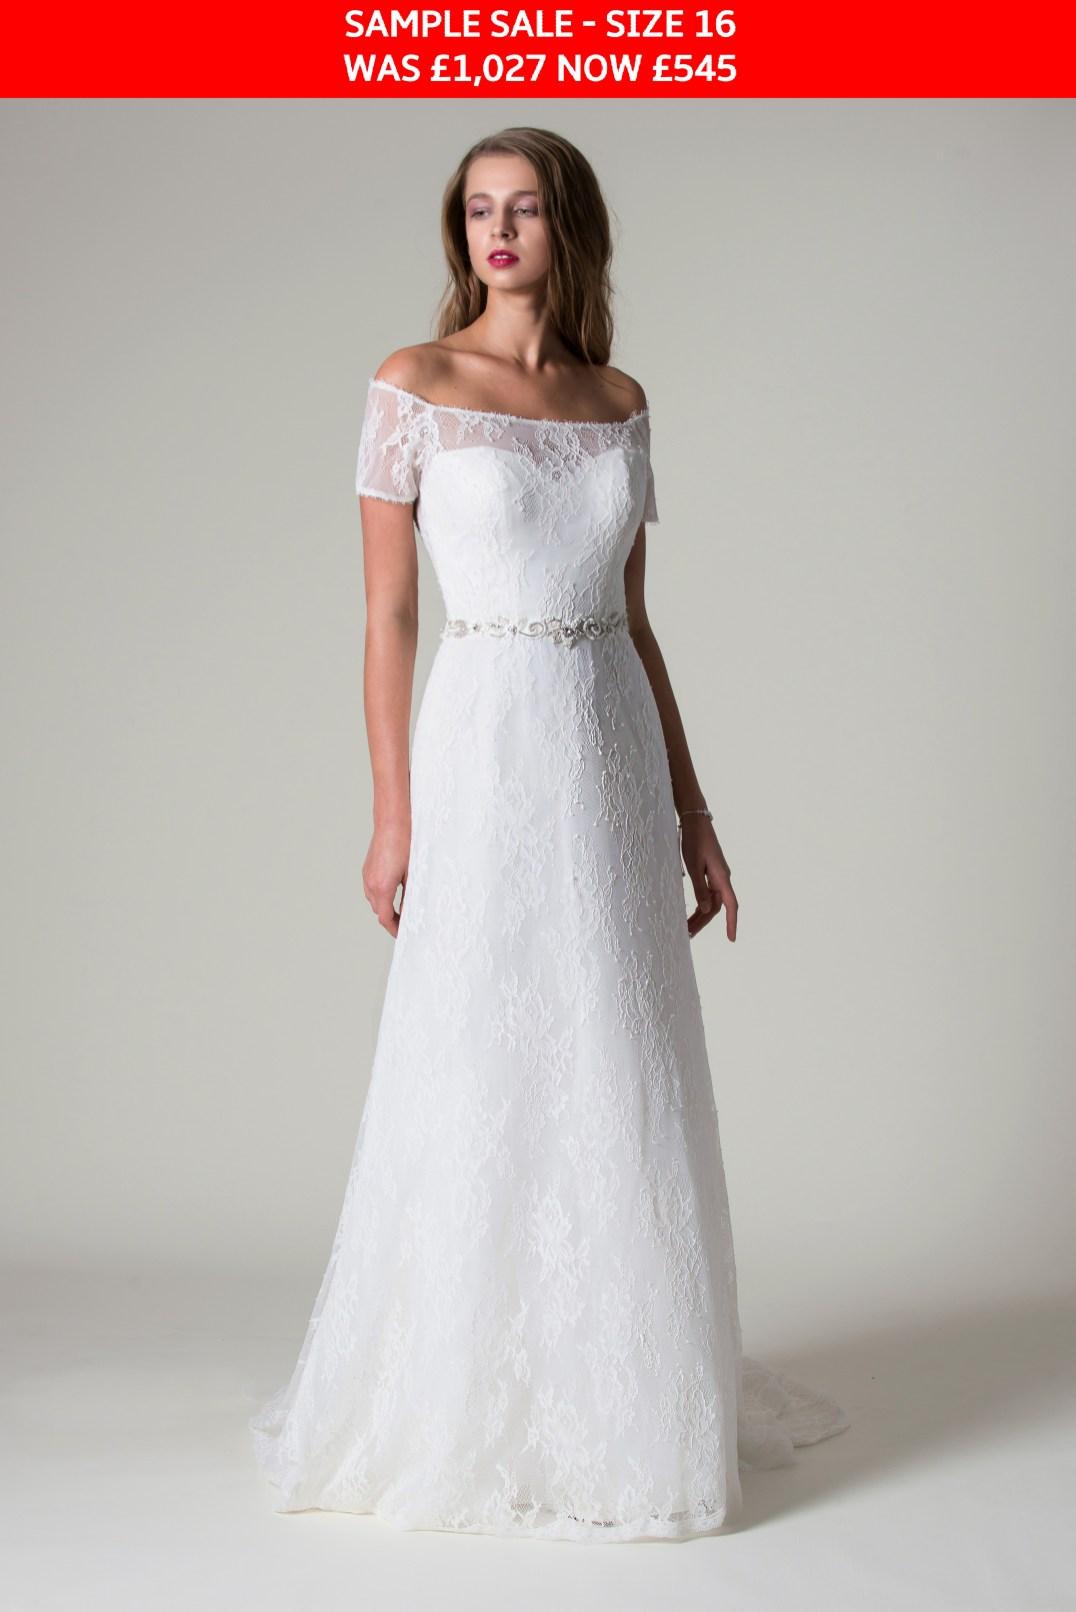 MiaMia Kallista wedding dress sample sale